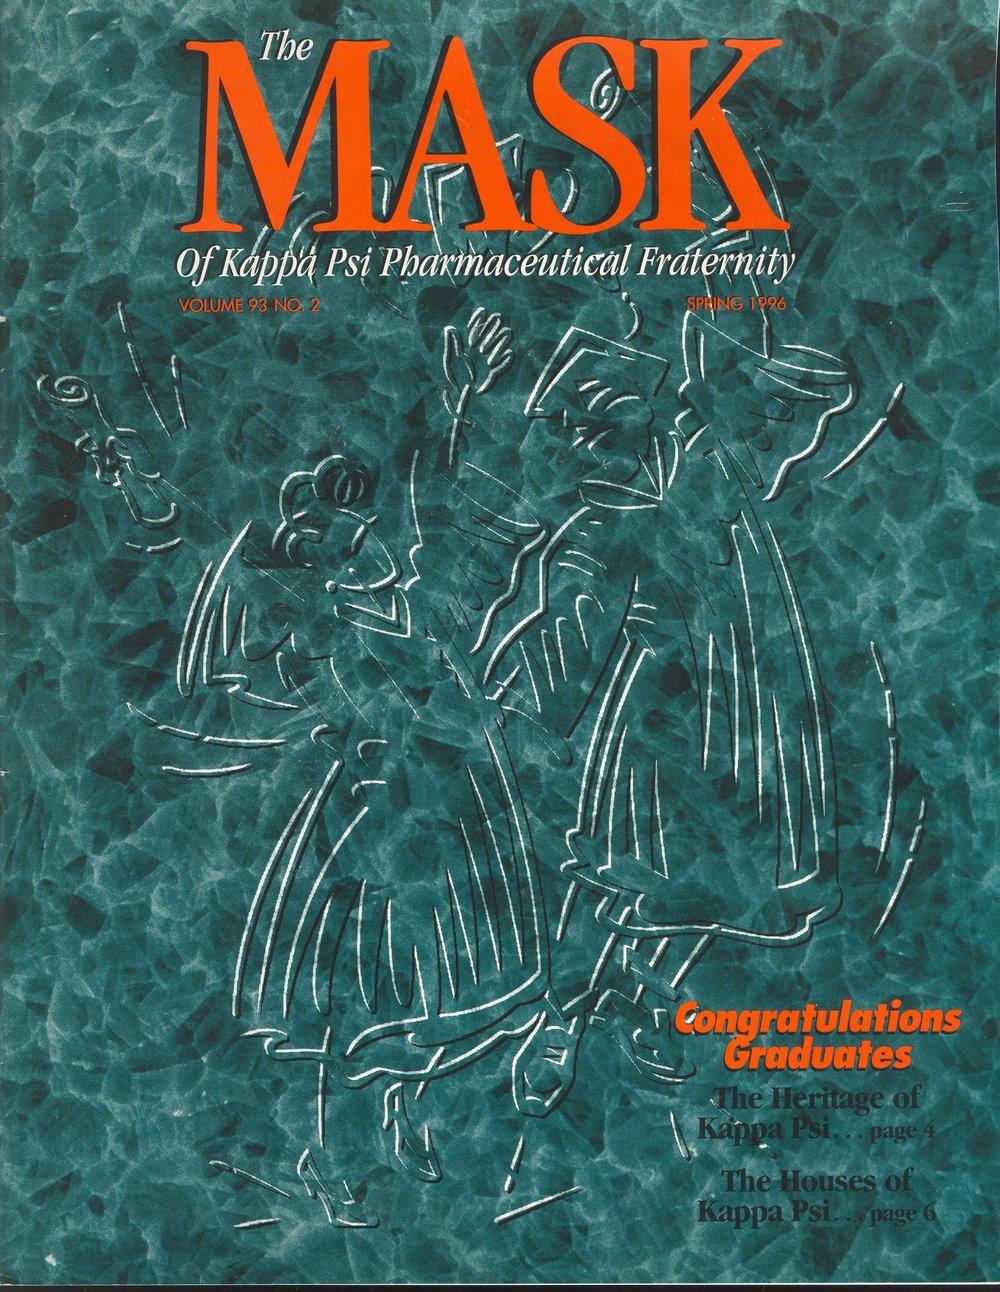 mask_cover_03_1996.jpg